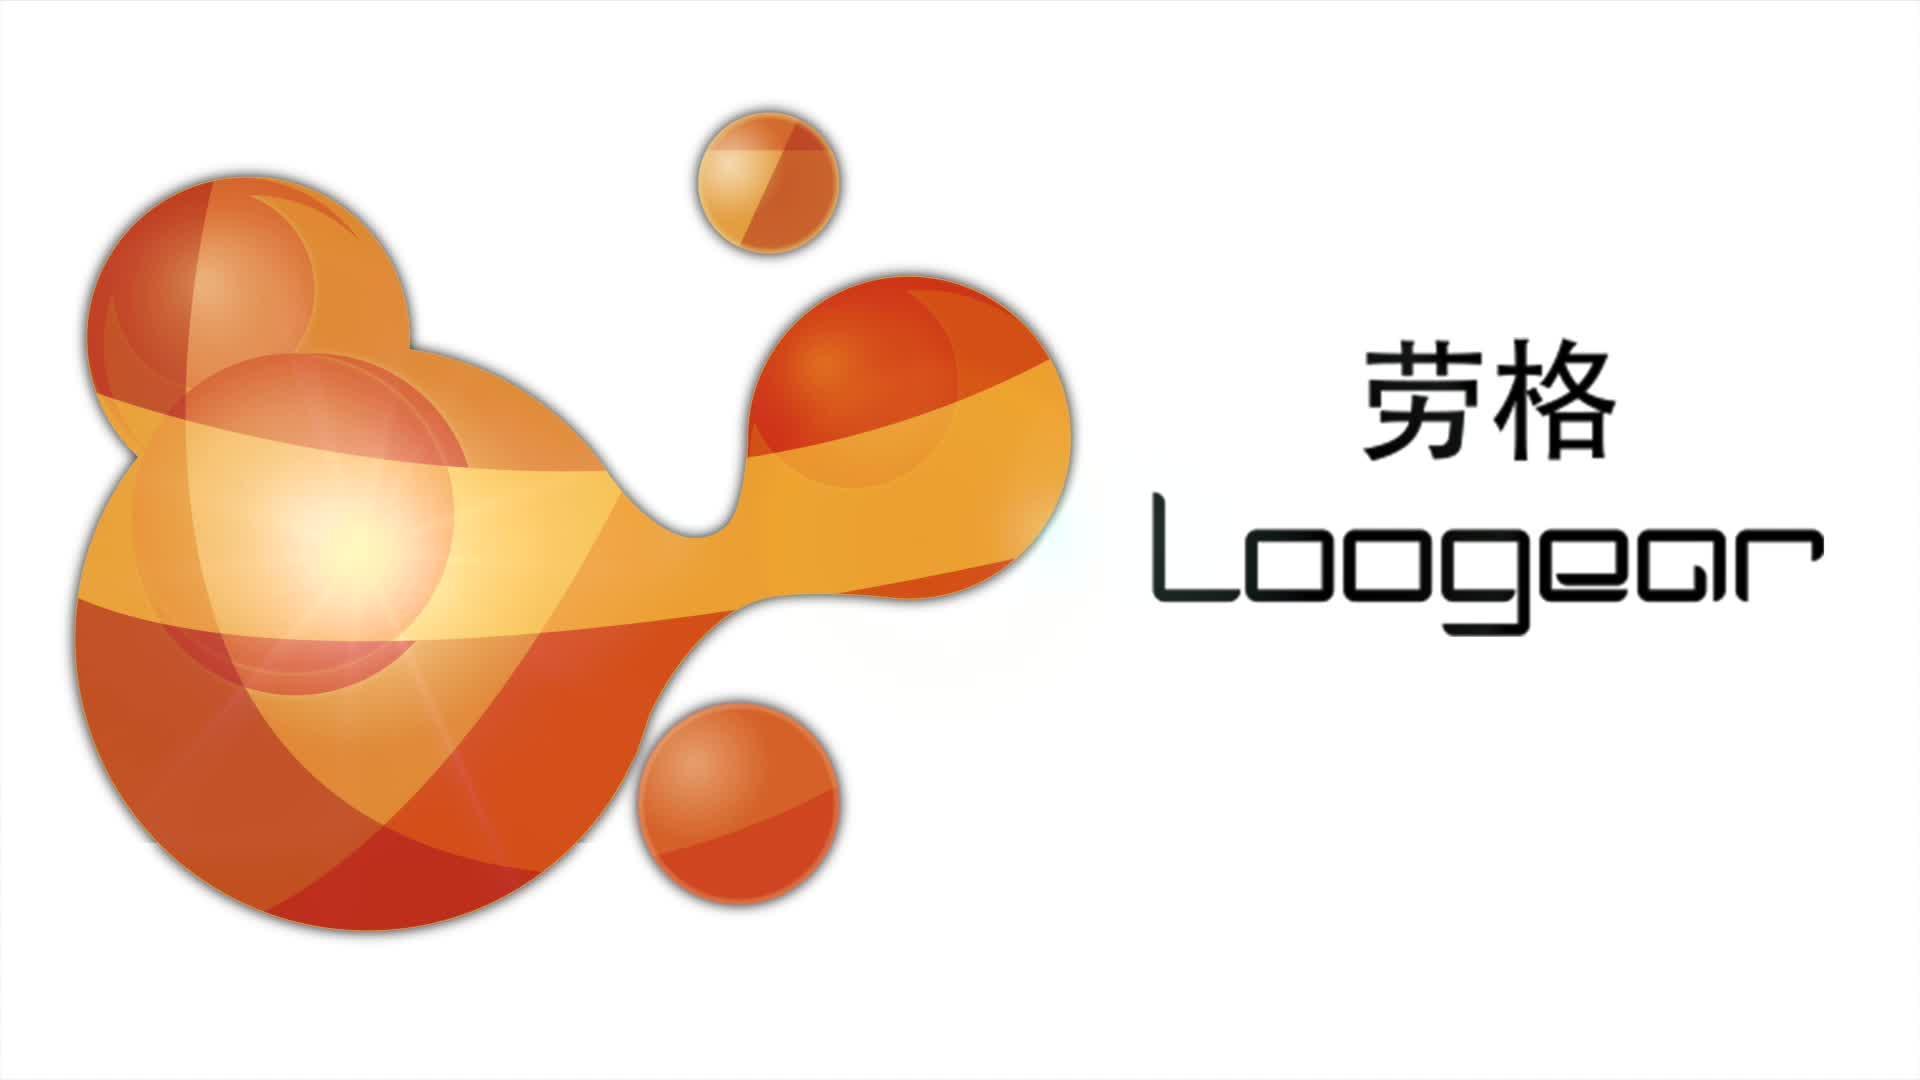 劳格科技Logo视频